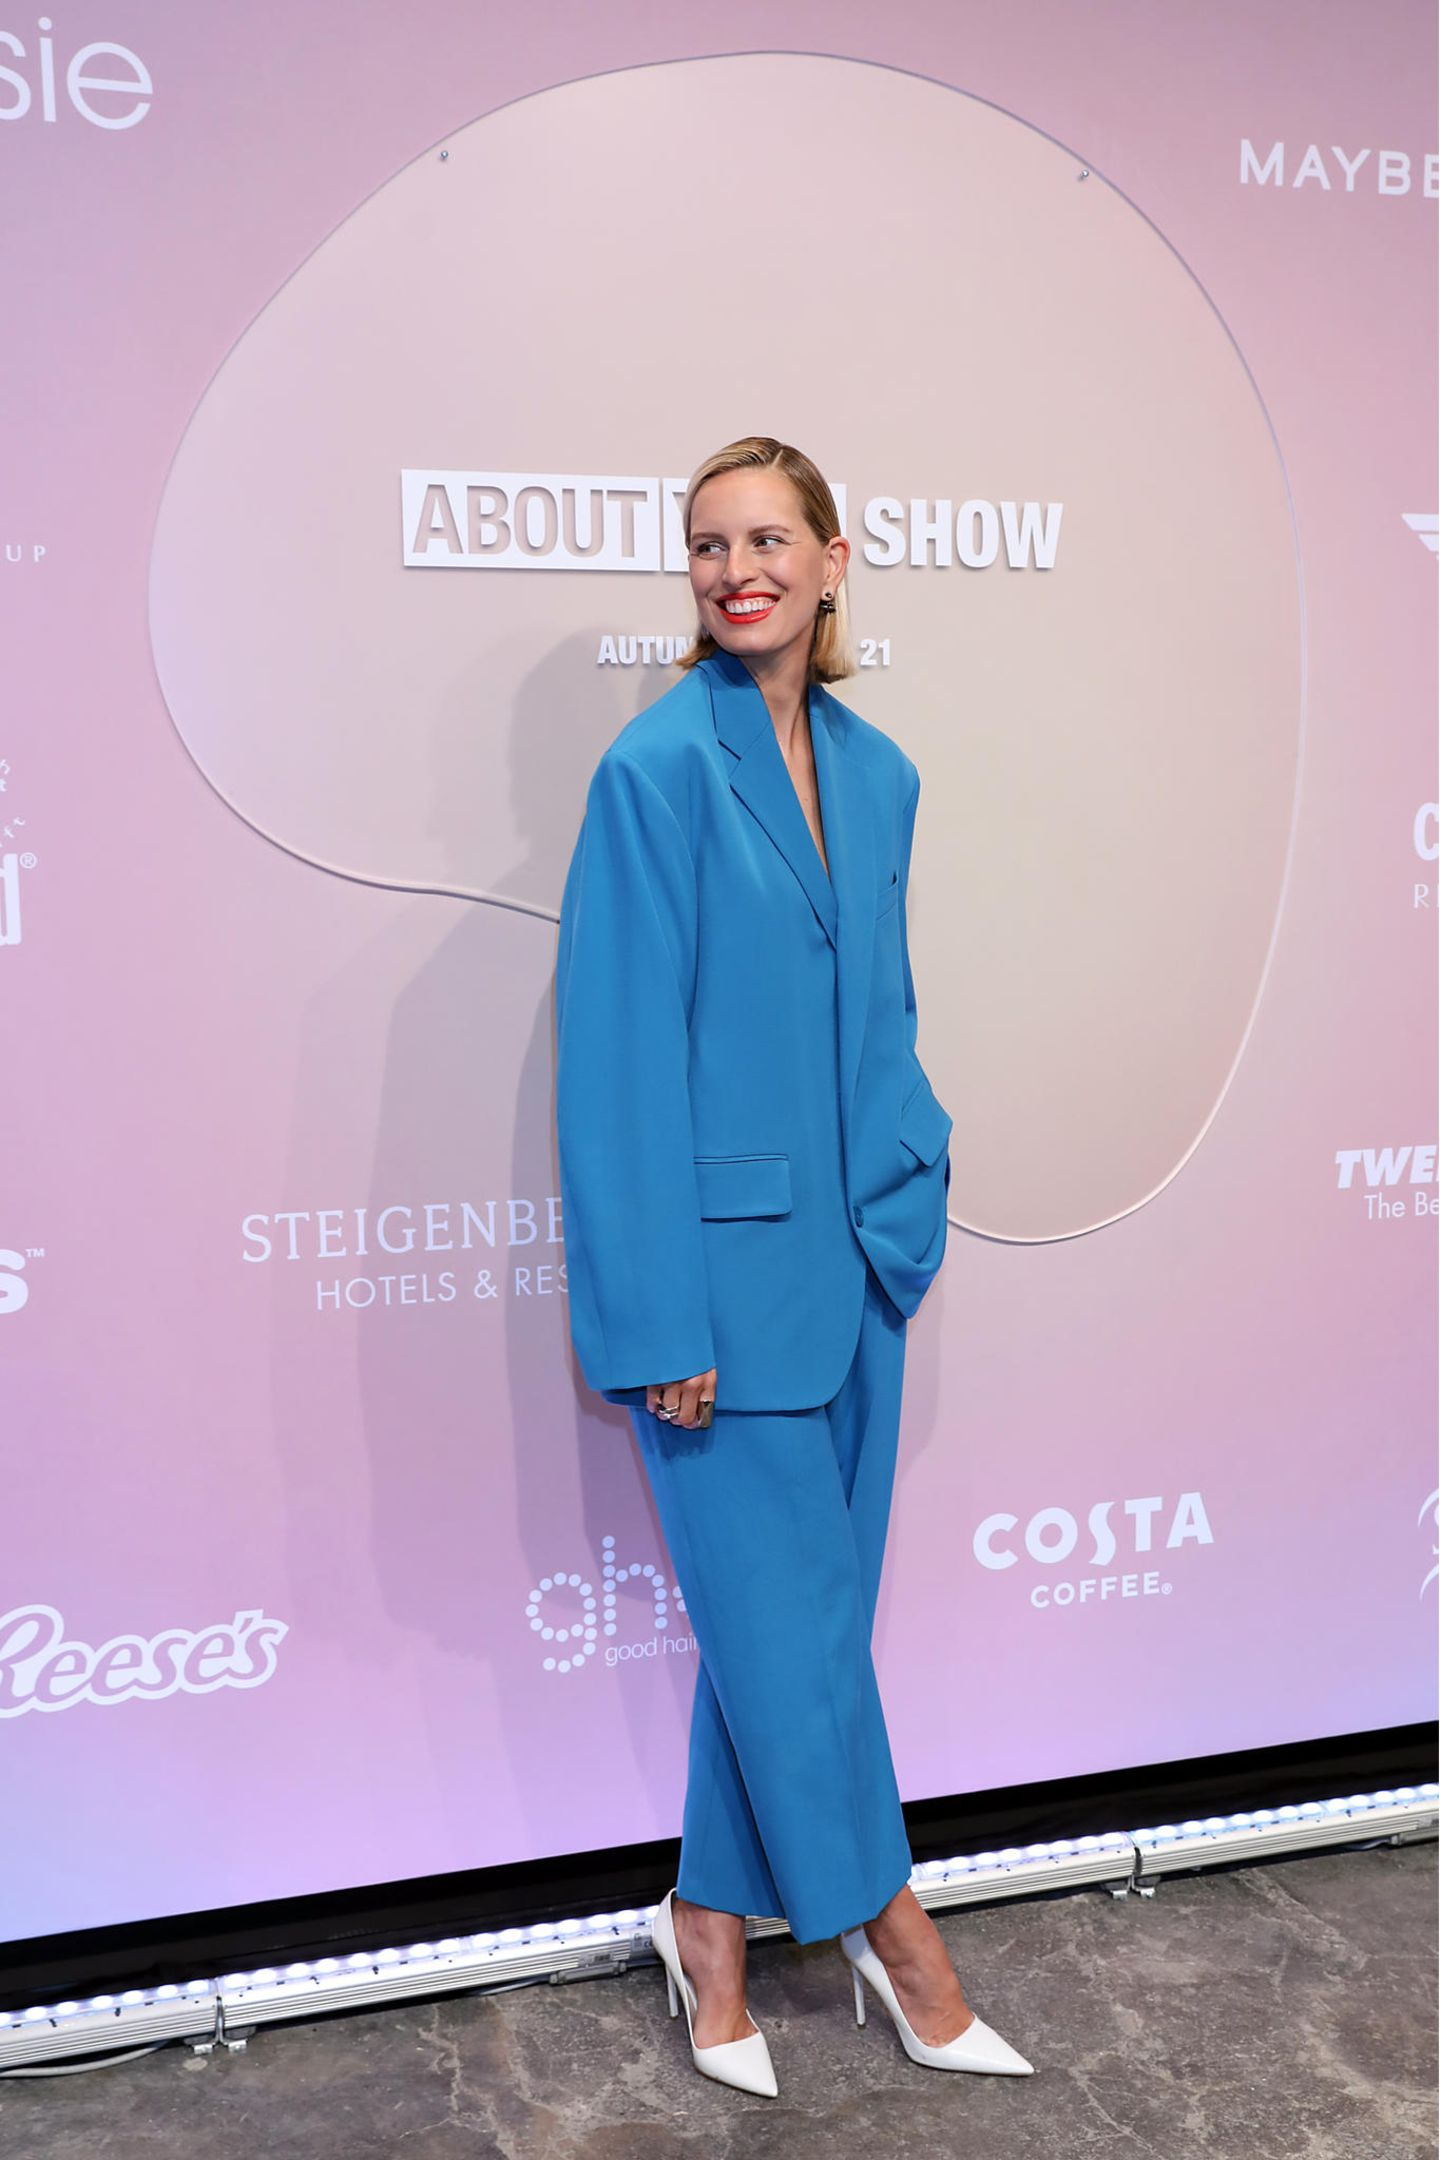 Karolína Kurkovásetzt – ähnlich wie Model Eva Padberg – auf eine Anzugskombination in einem knalligen Blauton. Der locker sitzende Schnitt macht ihren Red-Carpet-Auftritt cool und lässig. Rote Lippen verleihen dem Anzug eine glamouröse Note.